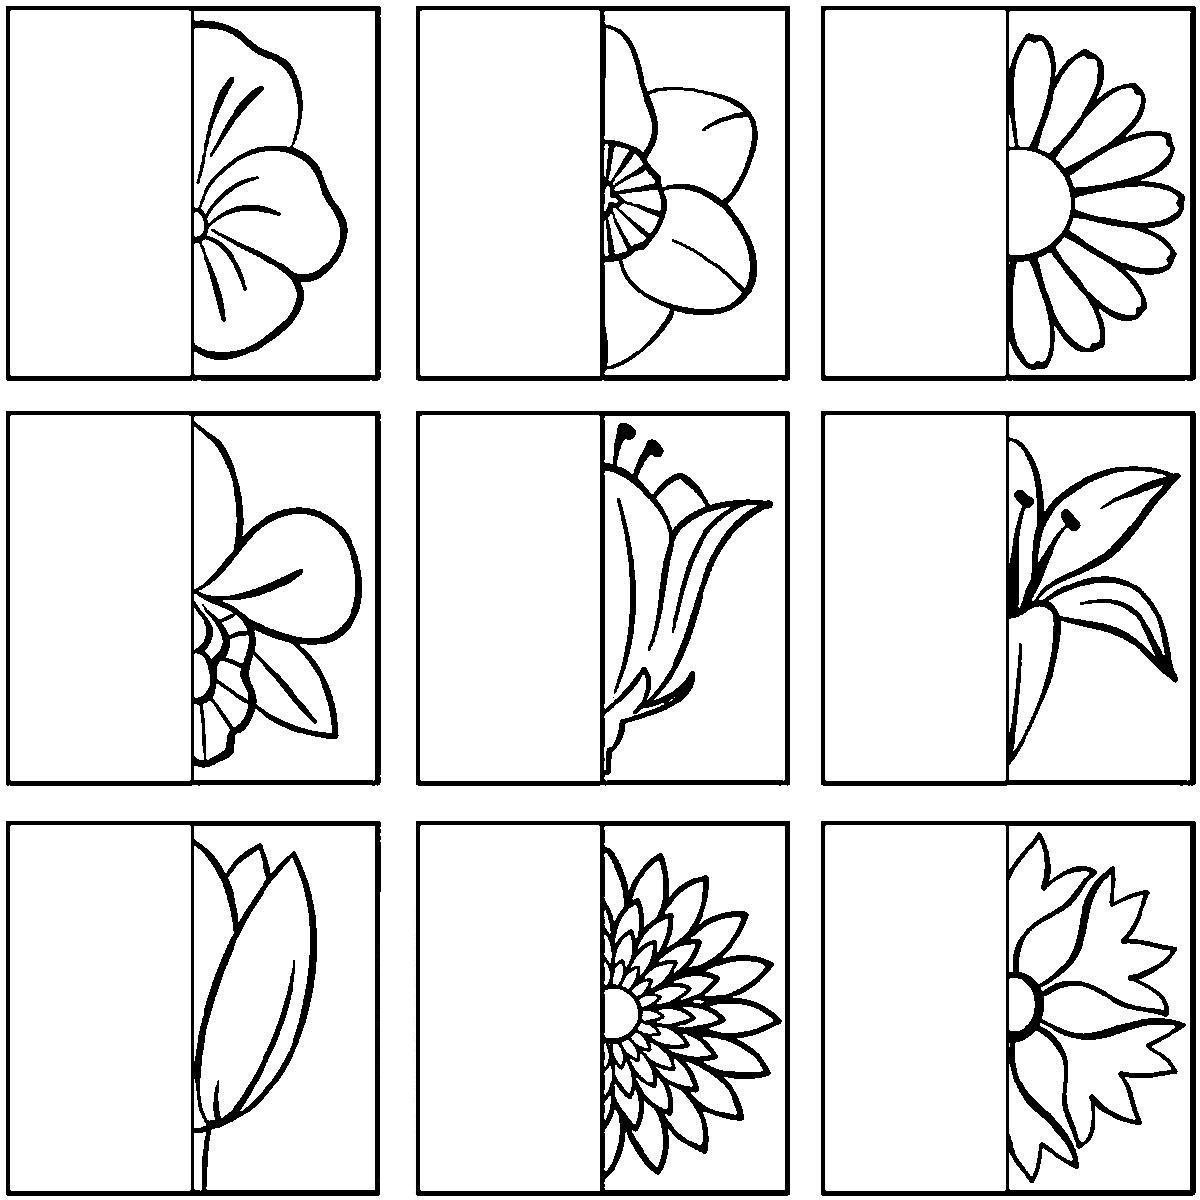 Раскраски образцу дорисуй цветы по образцу, дорисуй половинки